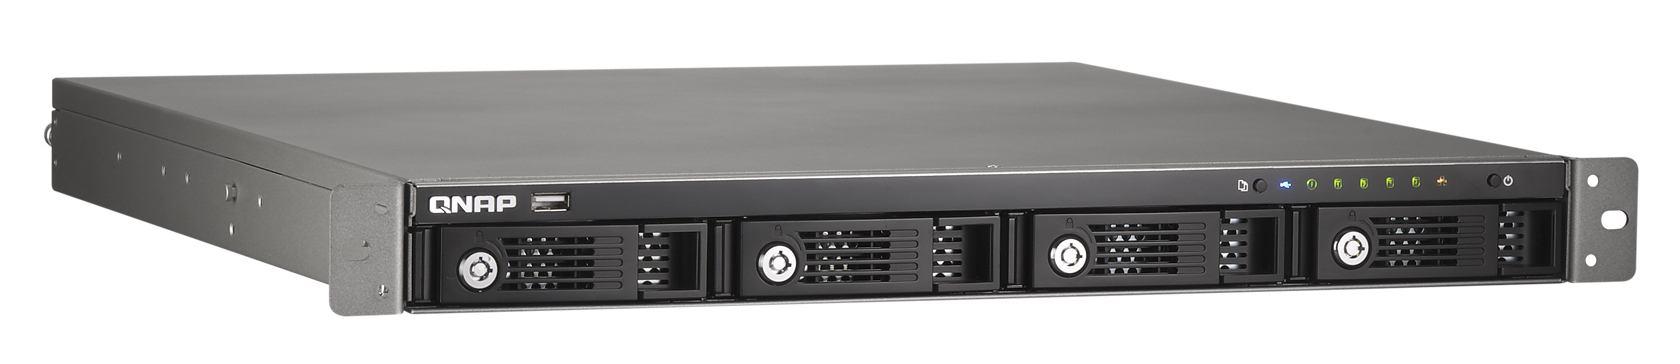 QNAP TS-439U-SP/8TB - QNAP TS-439U-SP/8TB storage server